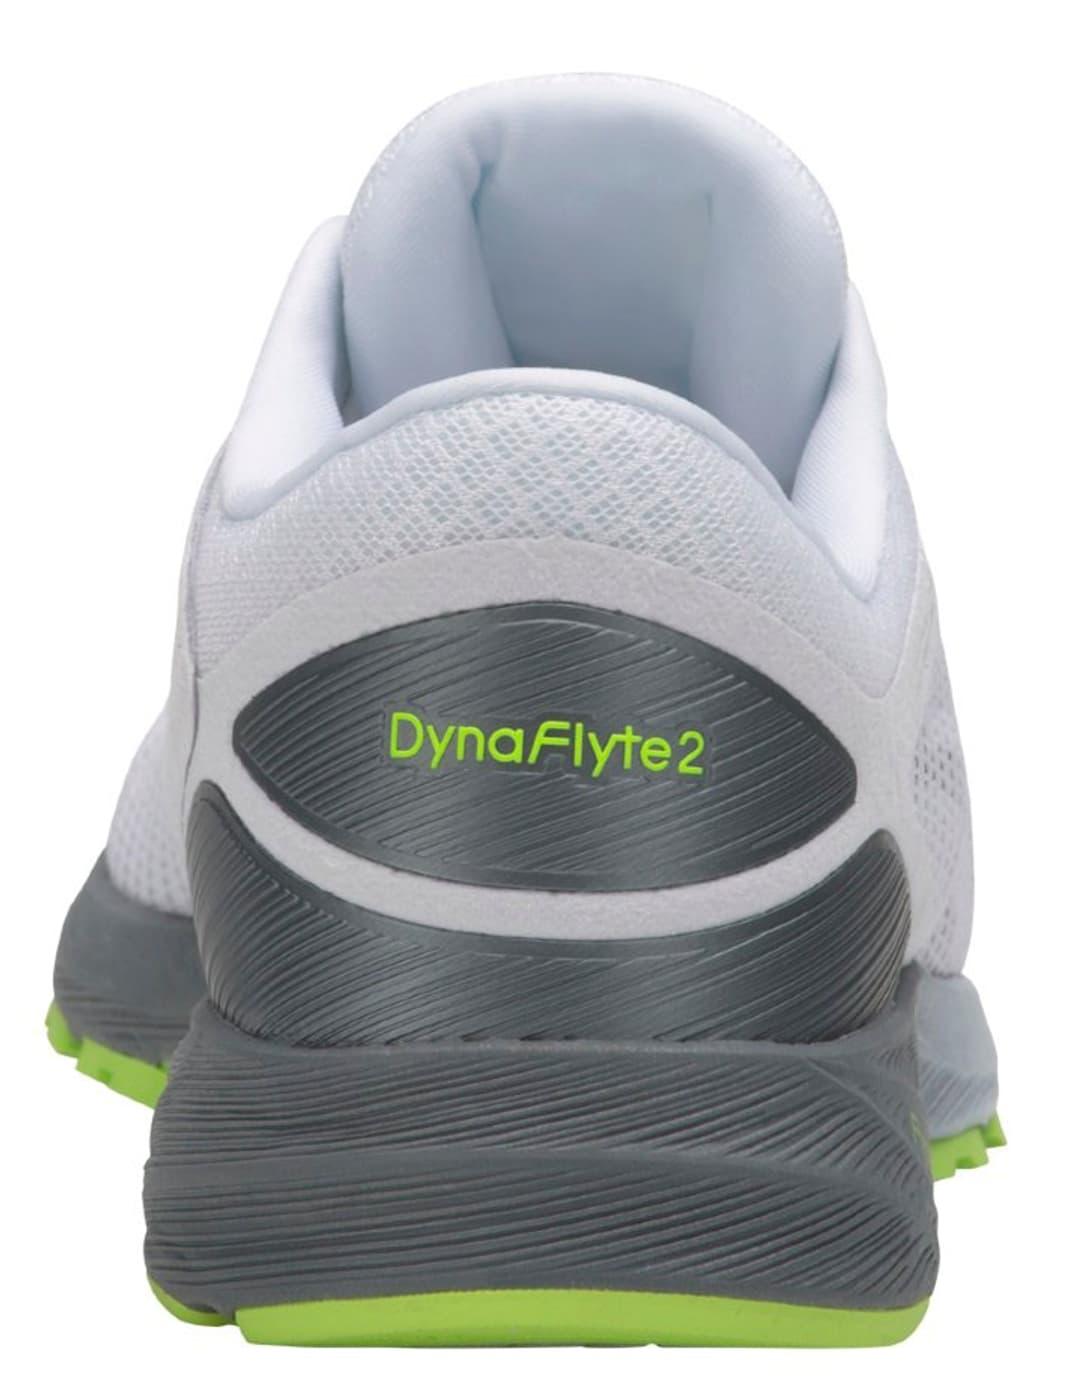 Asics DynaFlyte 2 Chaussures de course pour femme   Migros